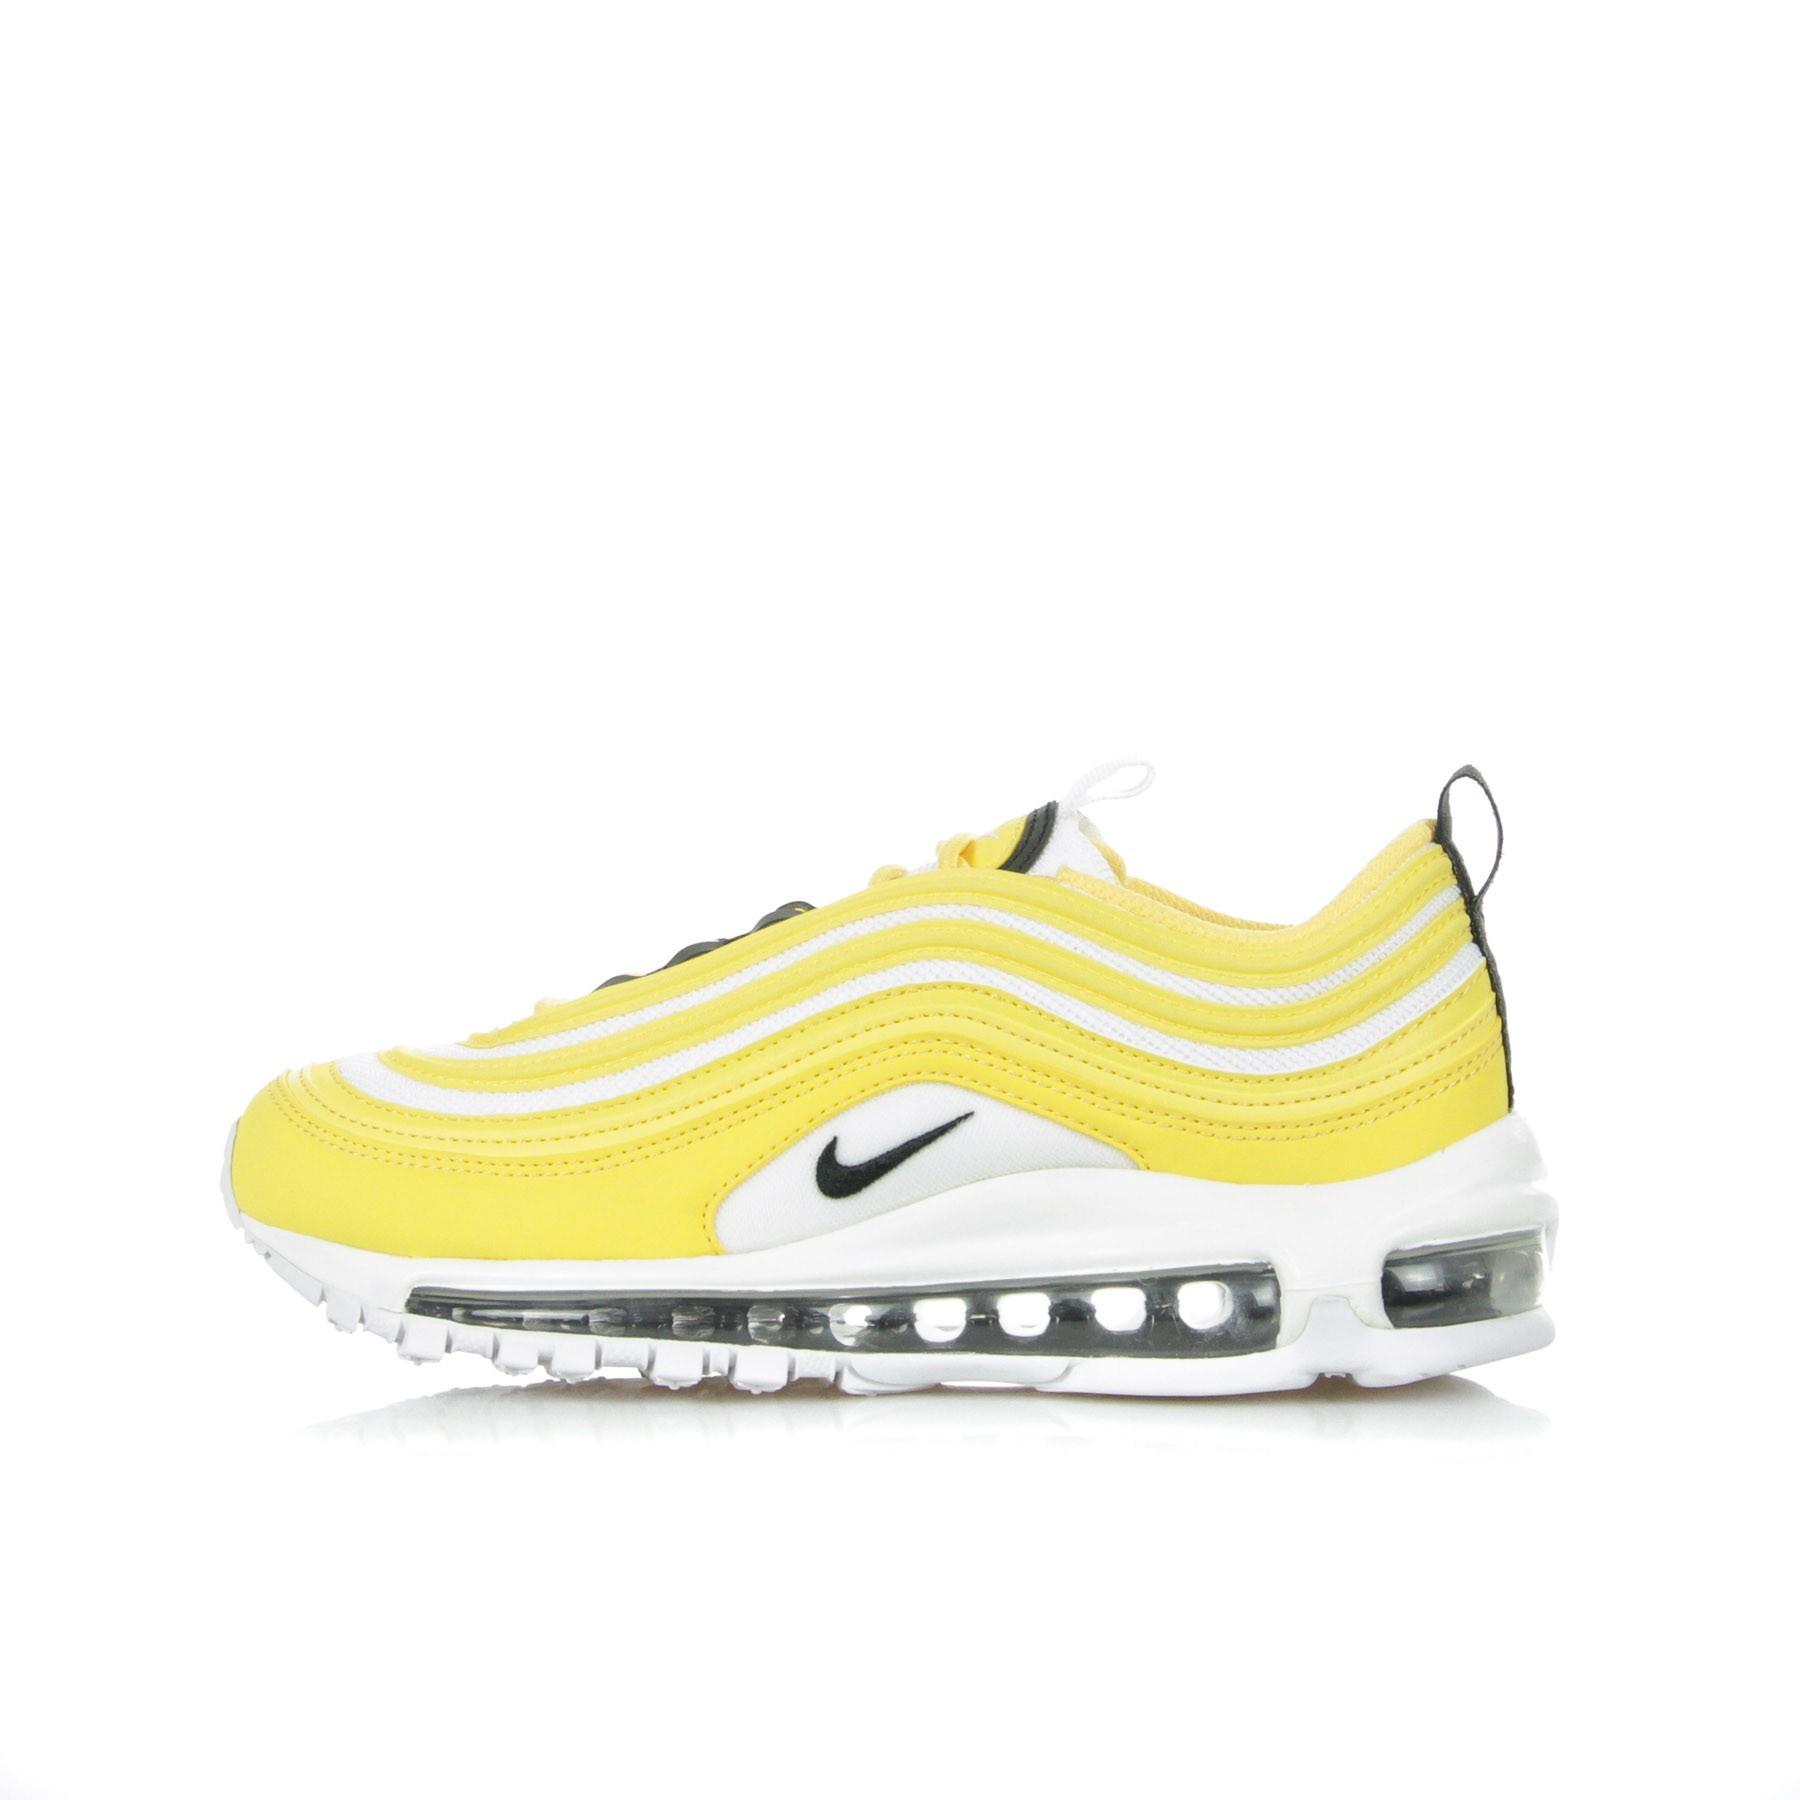 nike air max 97 yellow gold